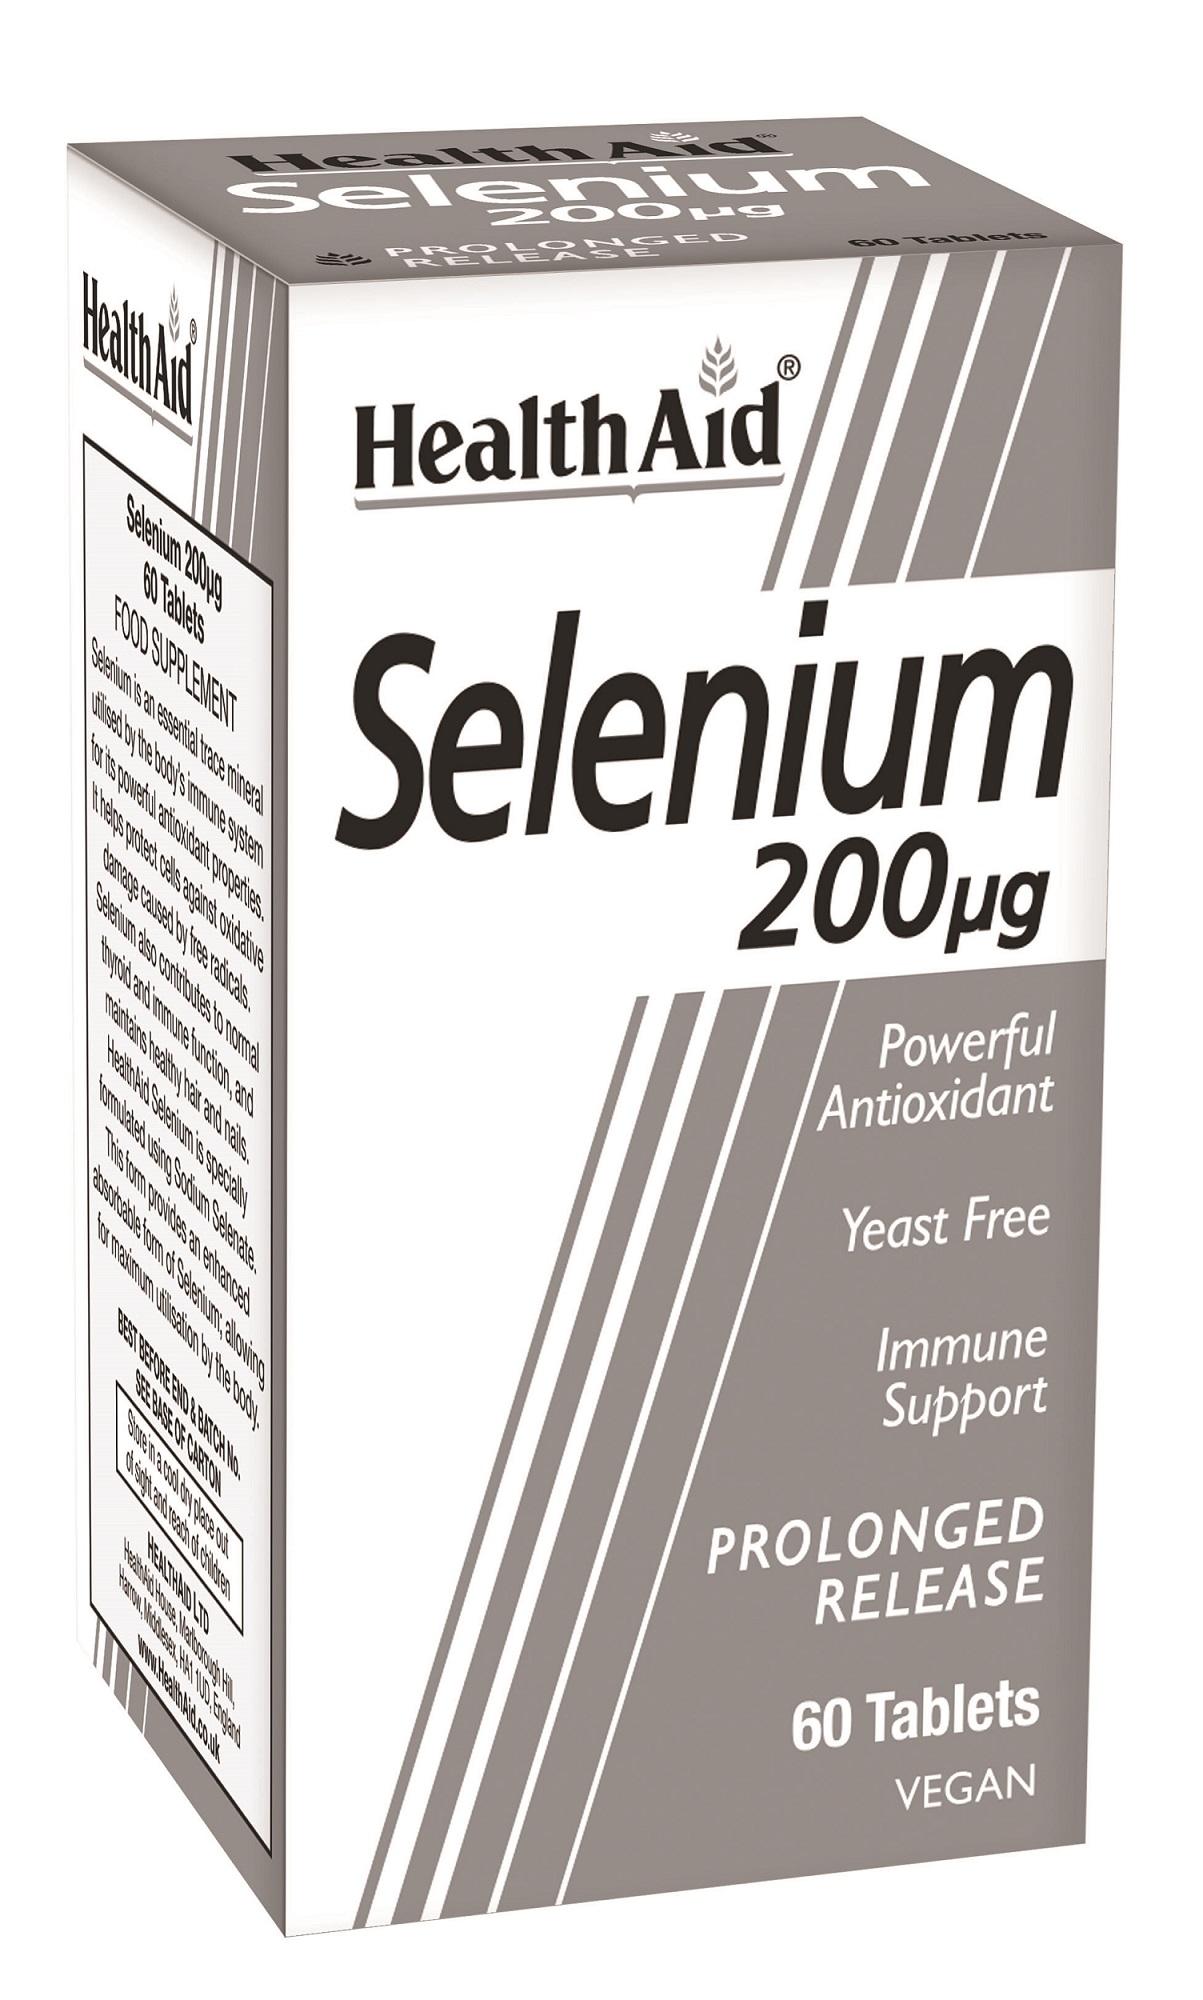 Selenium 200ug Prolonged Release 60's